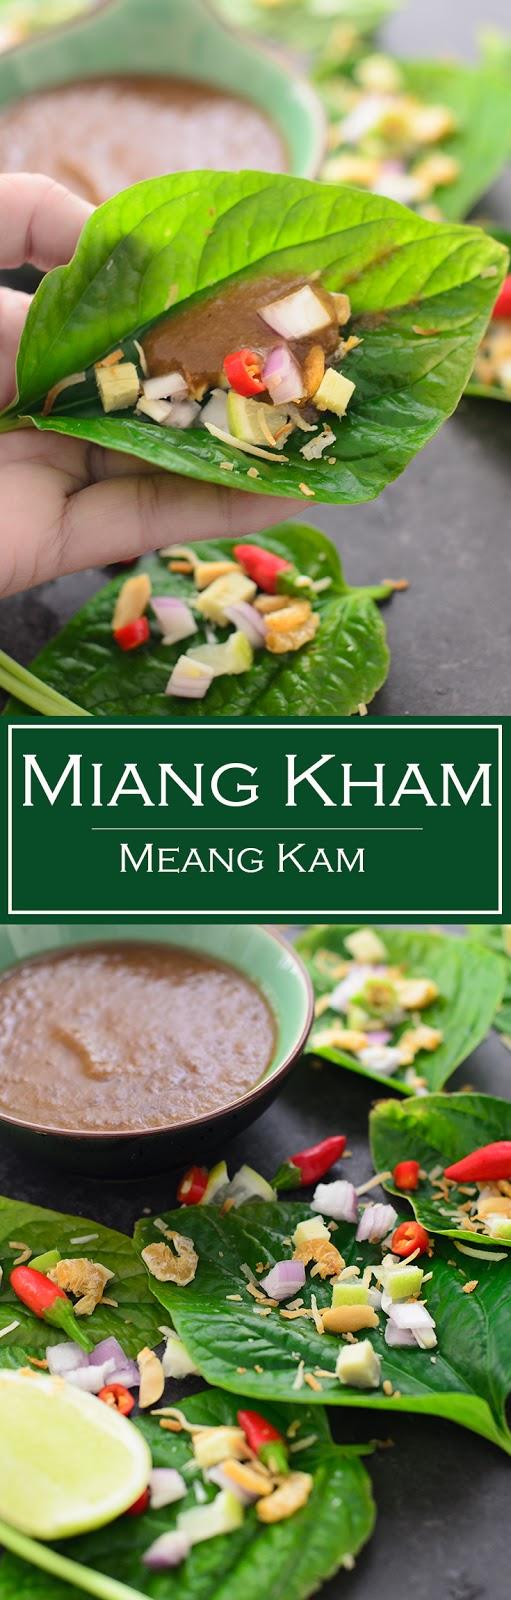 Miang Kham, authentic Thai finger food